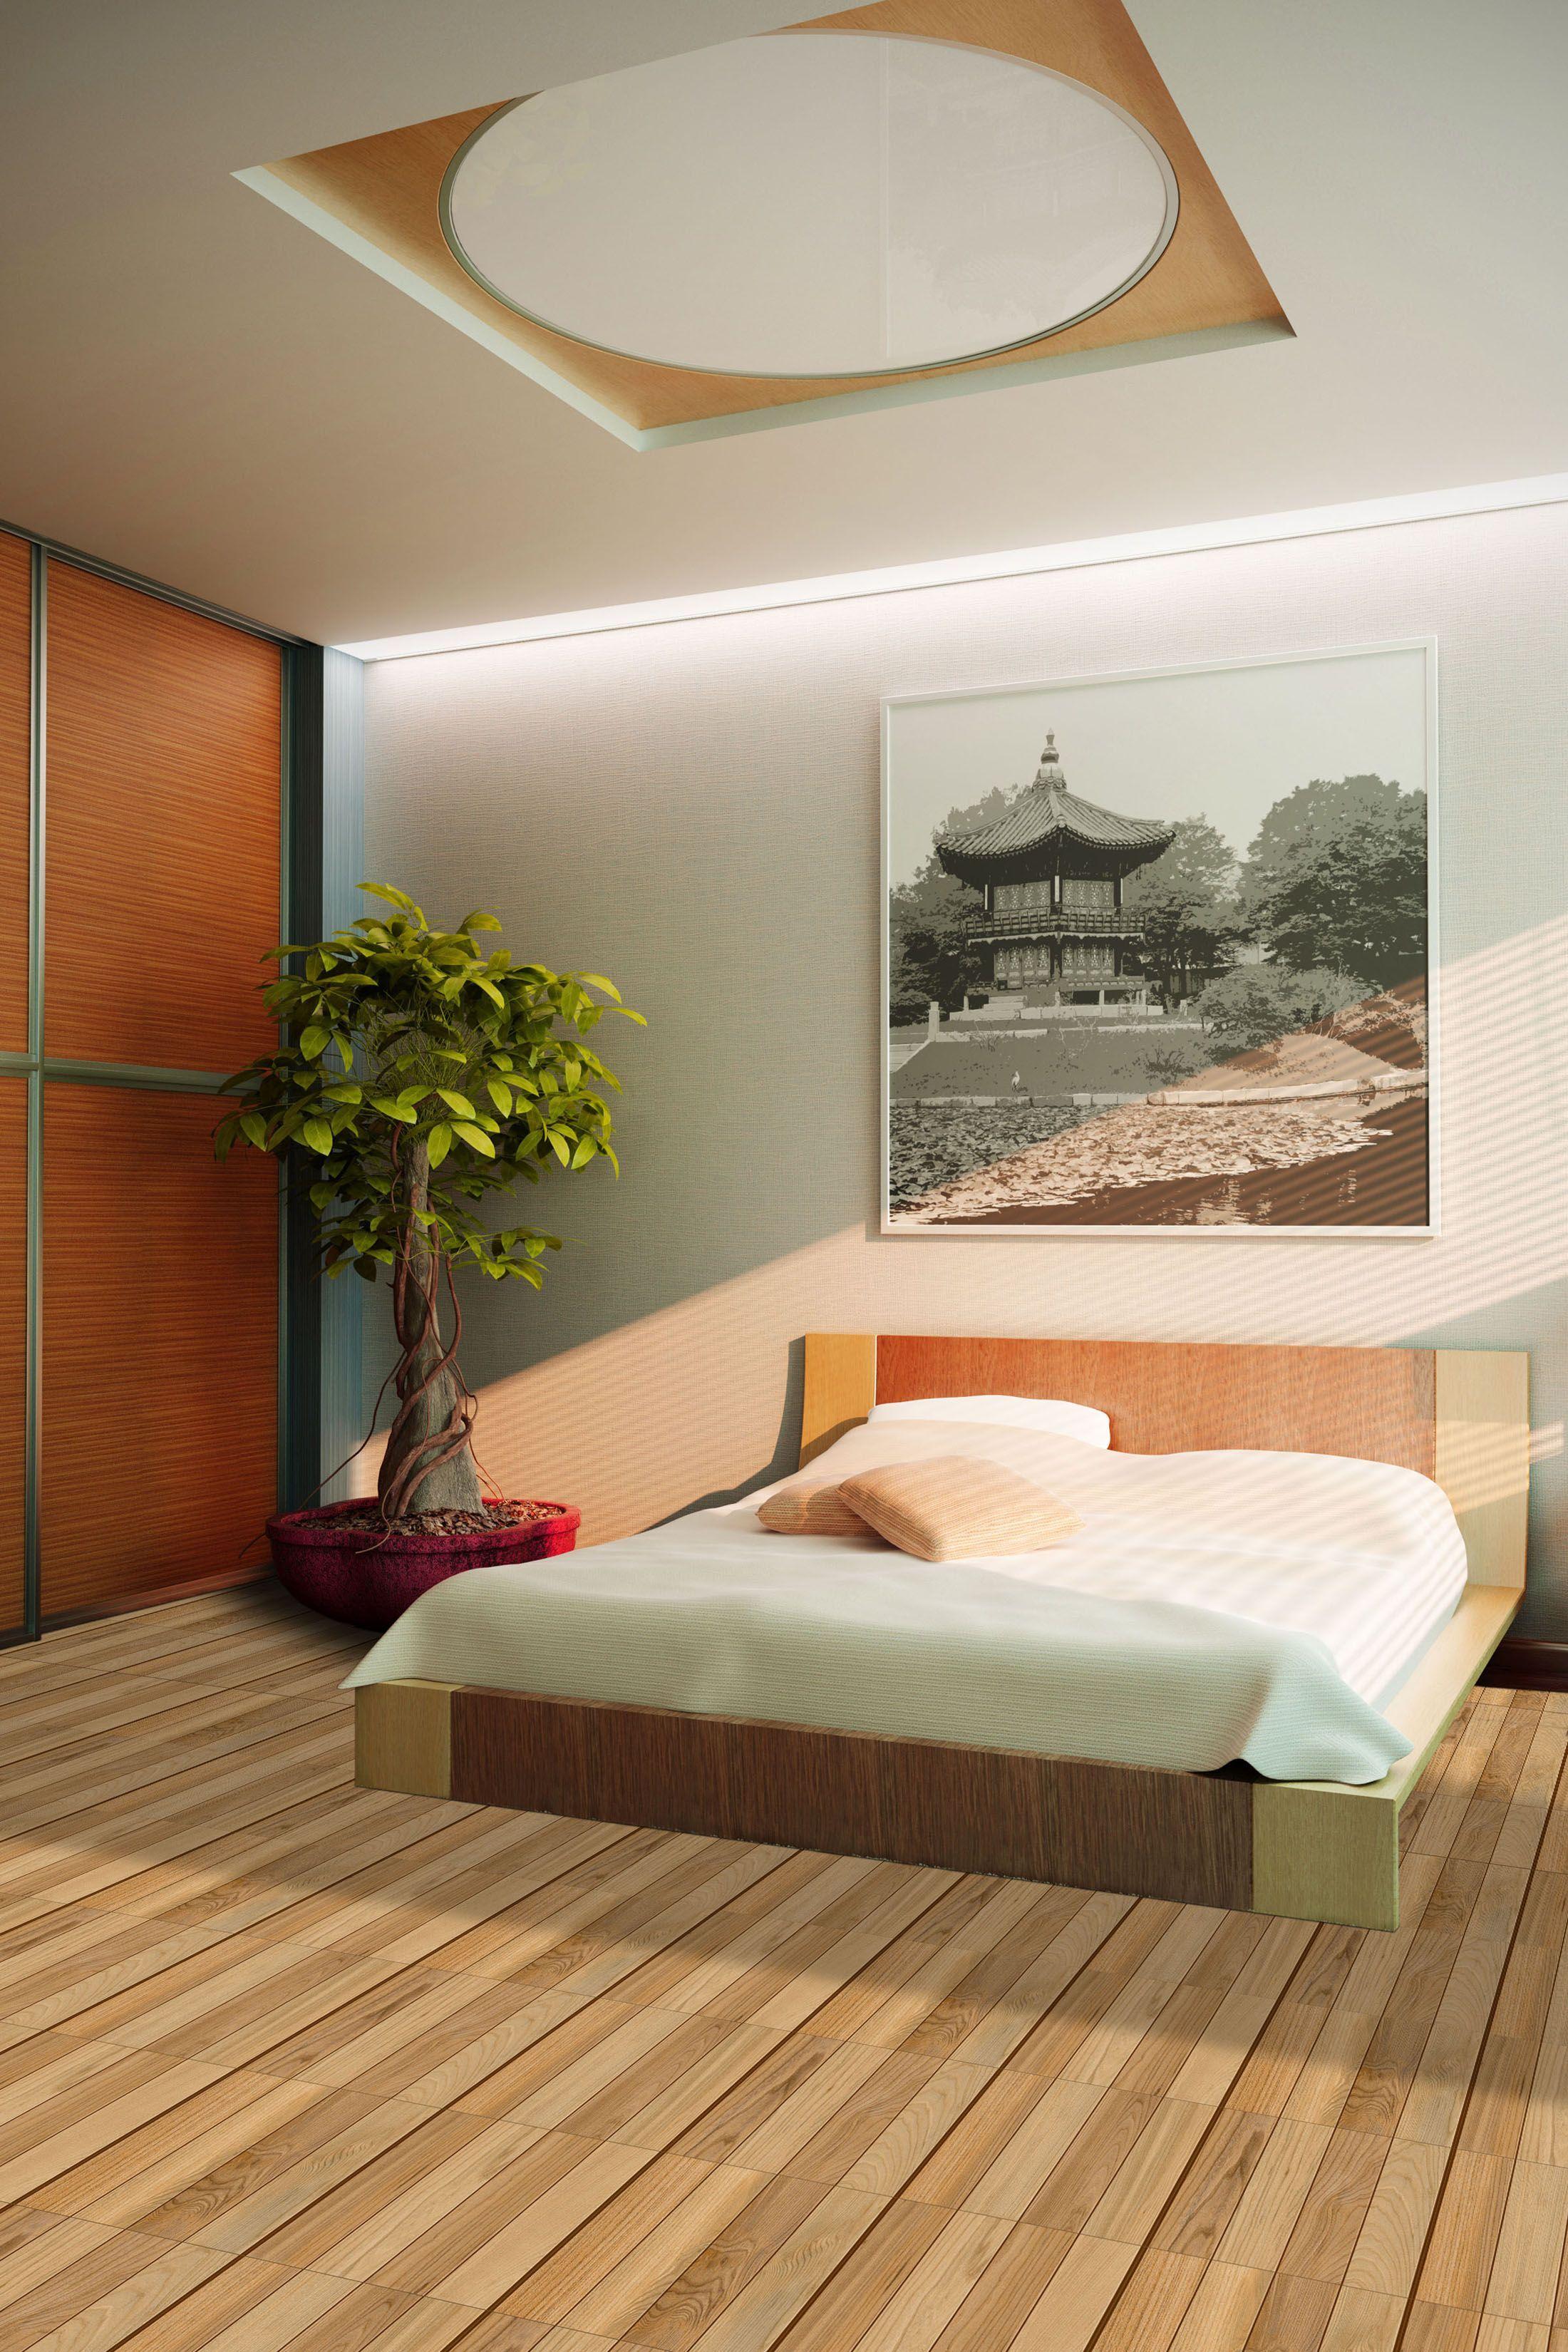 35 Dorable Bedroom Tiles Photos Decortez Floor Tile Design Bedroom Floor Tiles Concrete Bathroom Design